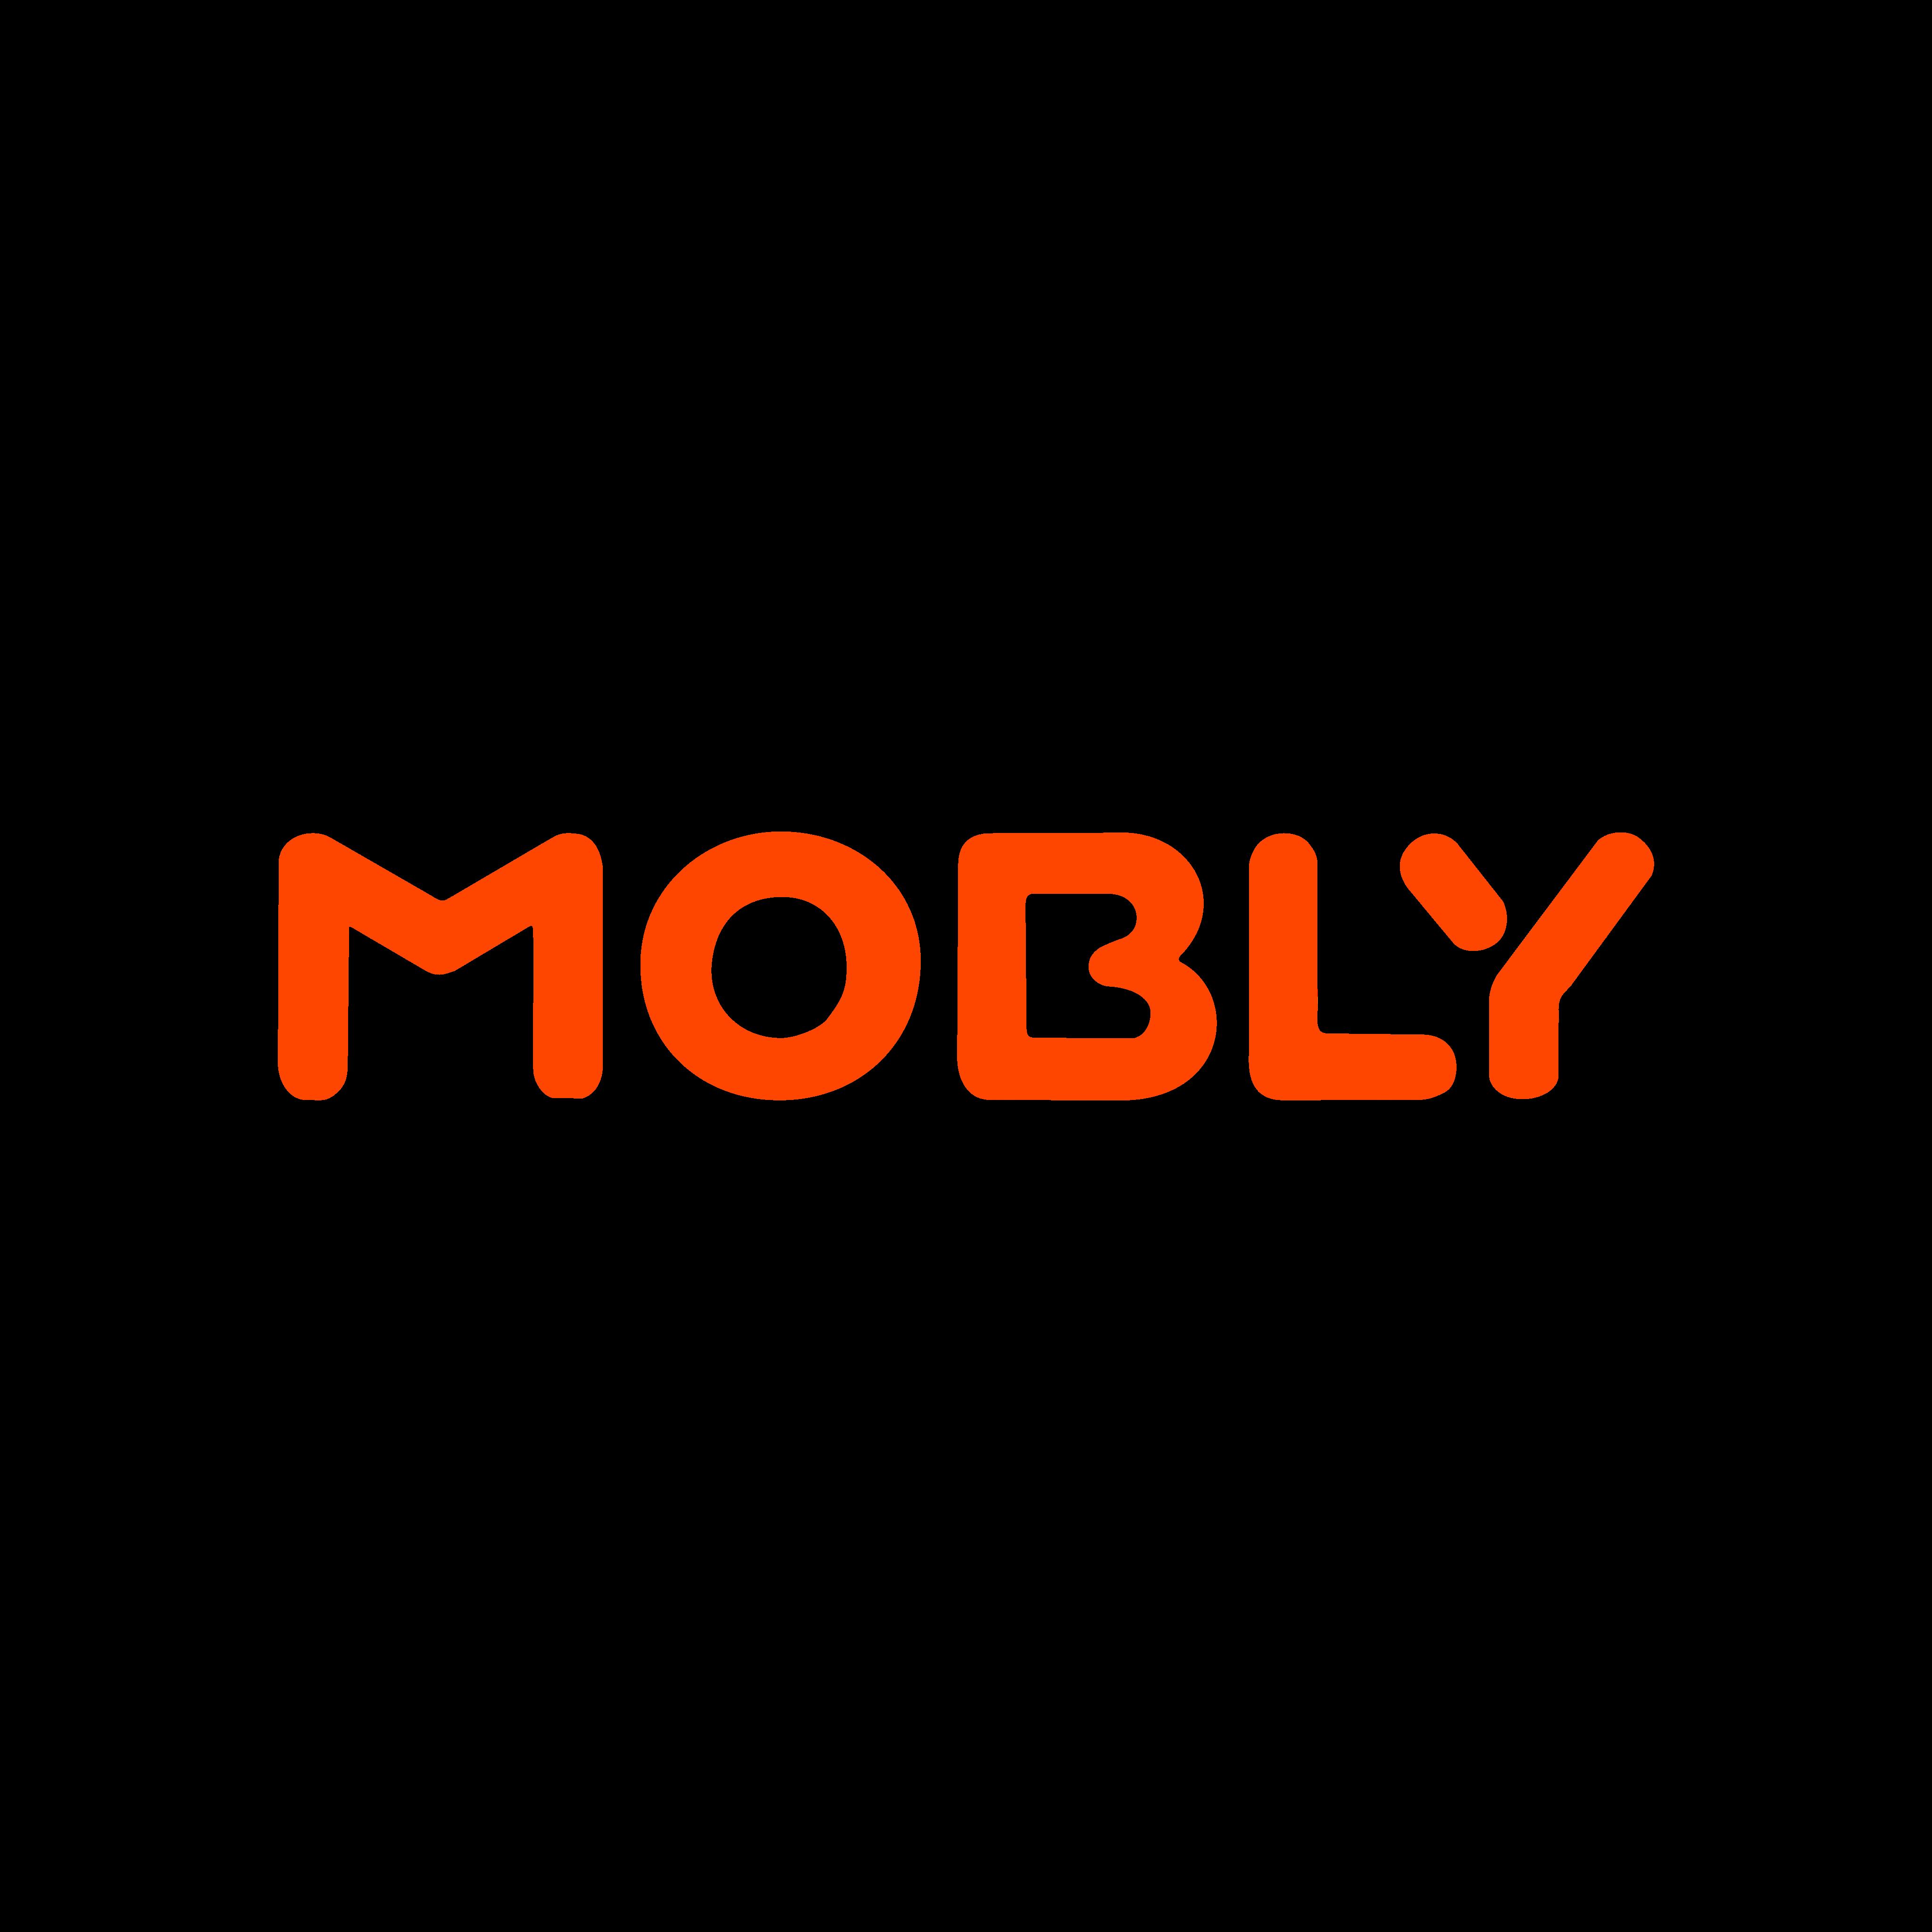 mobly logo 0 - Mobly Logo